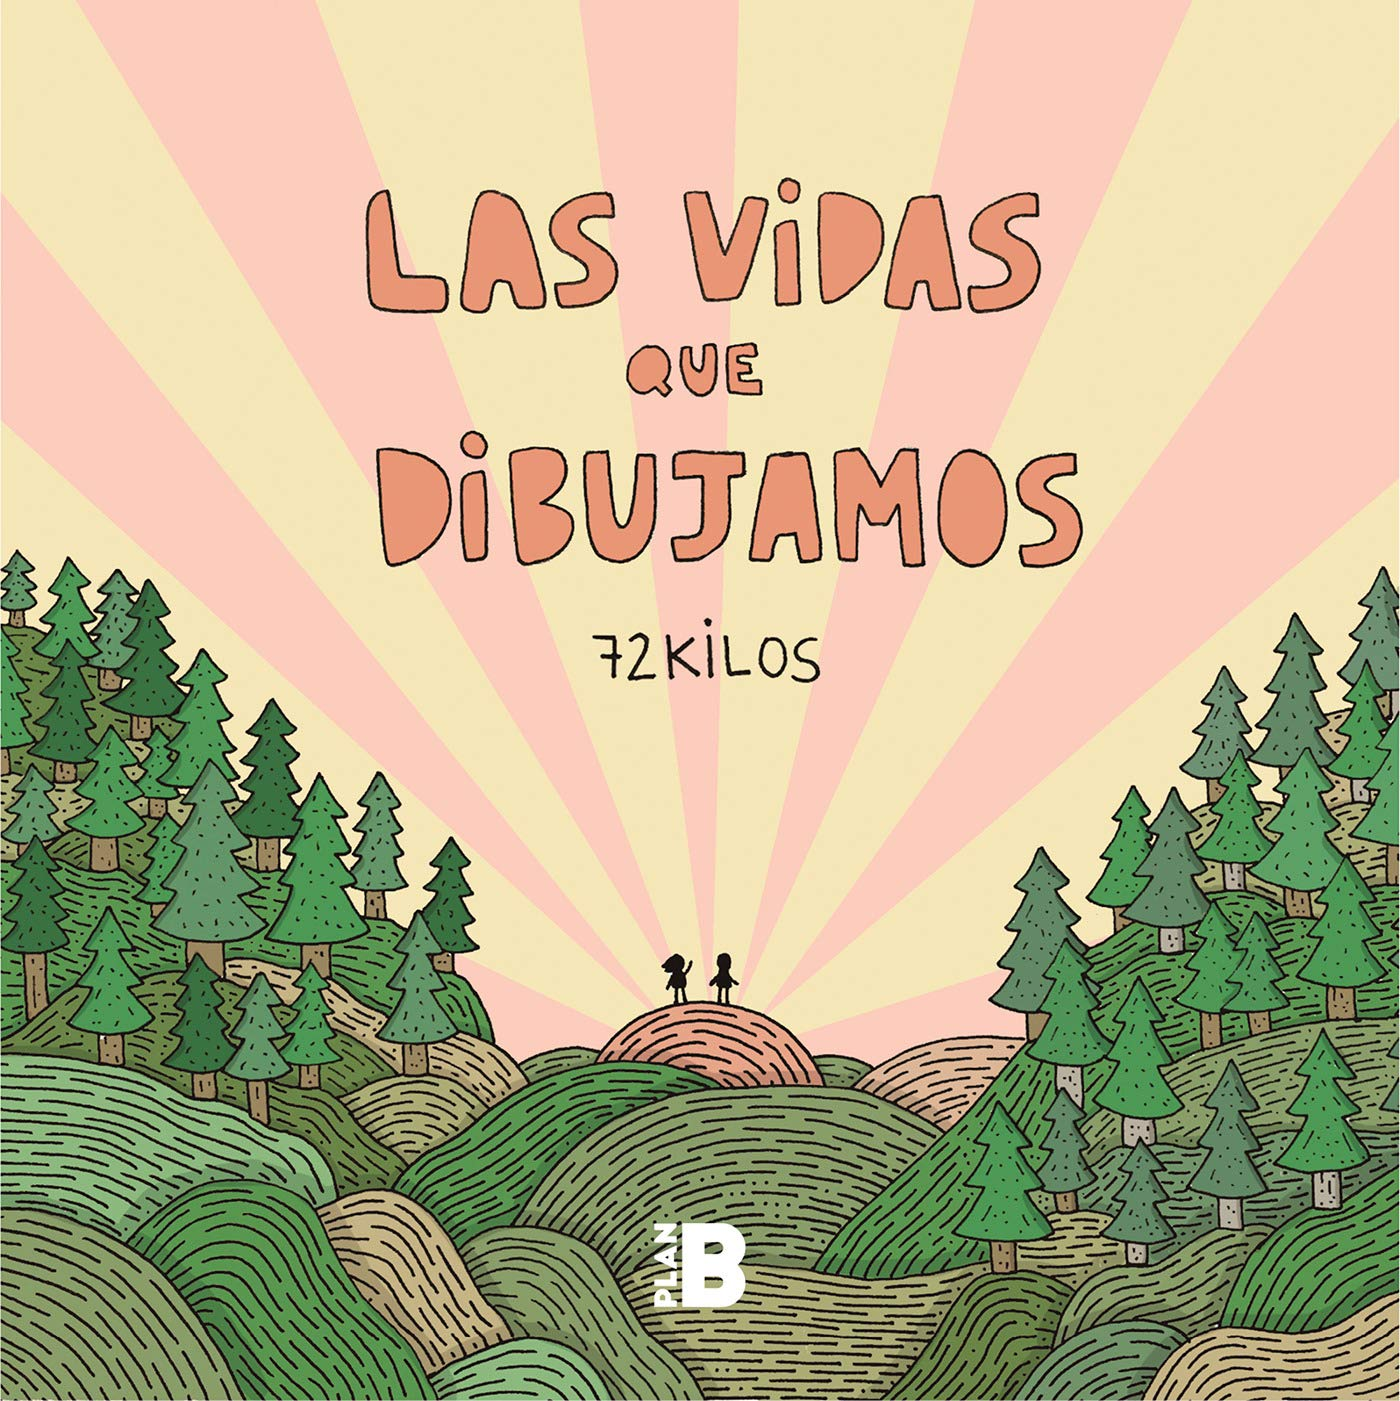 Las vidas que dibujamos (Plan B): Amazon.es: 72 Kilos: Libros